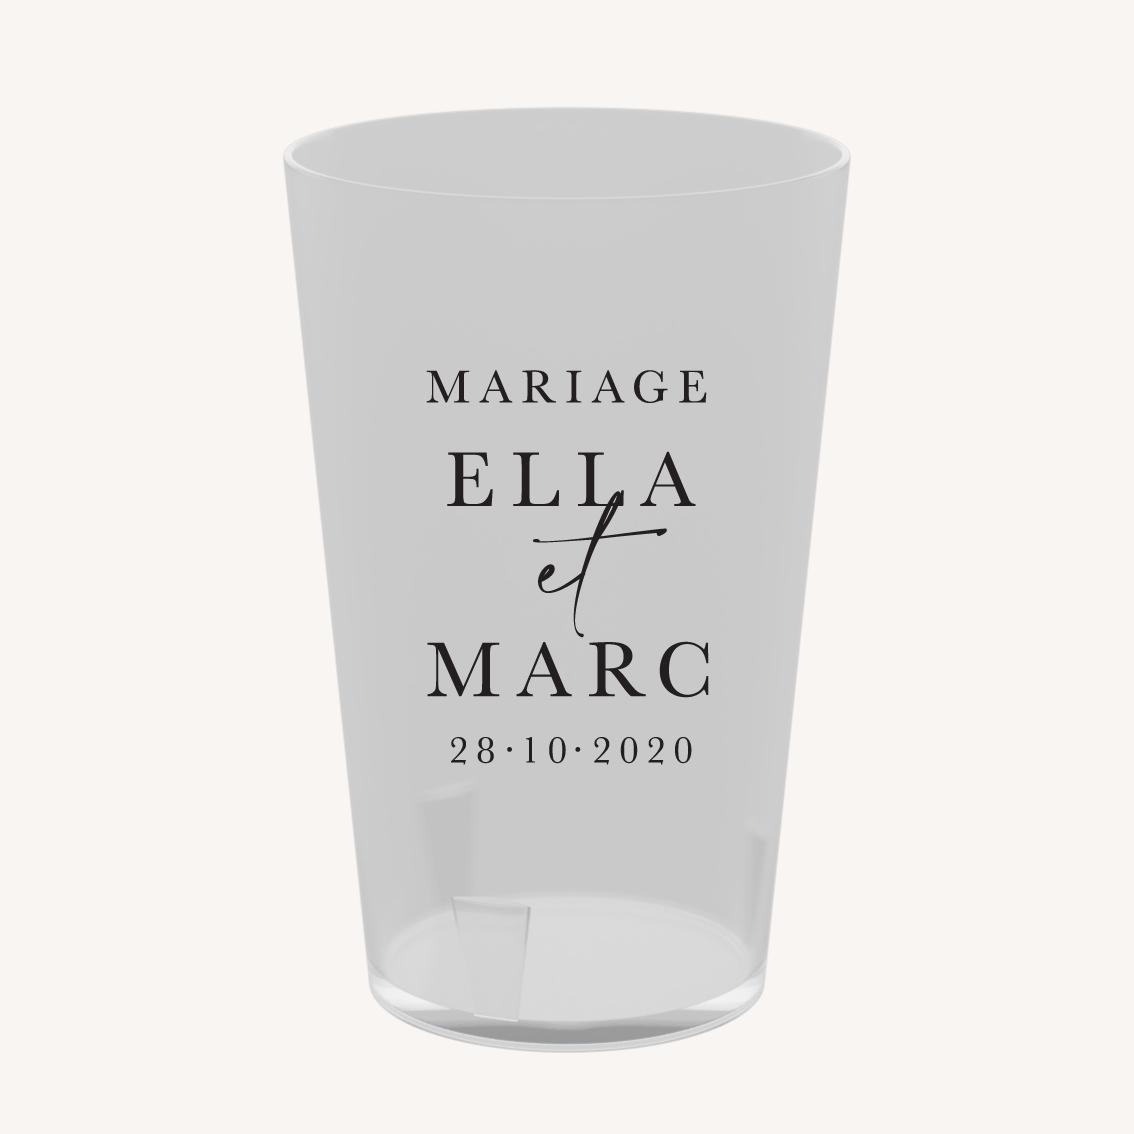 Gobelet réutilisable éco-cup personnalisé mariage élégant chic romantic neutral épuré bordeaux rose nude blanc